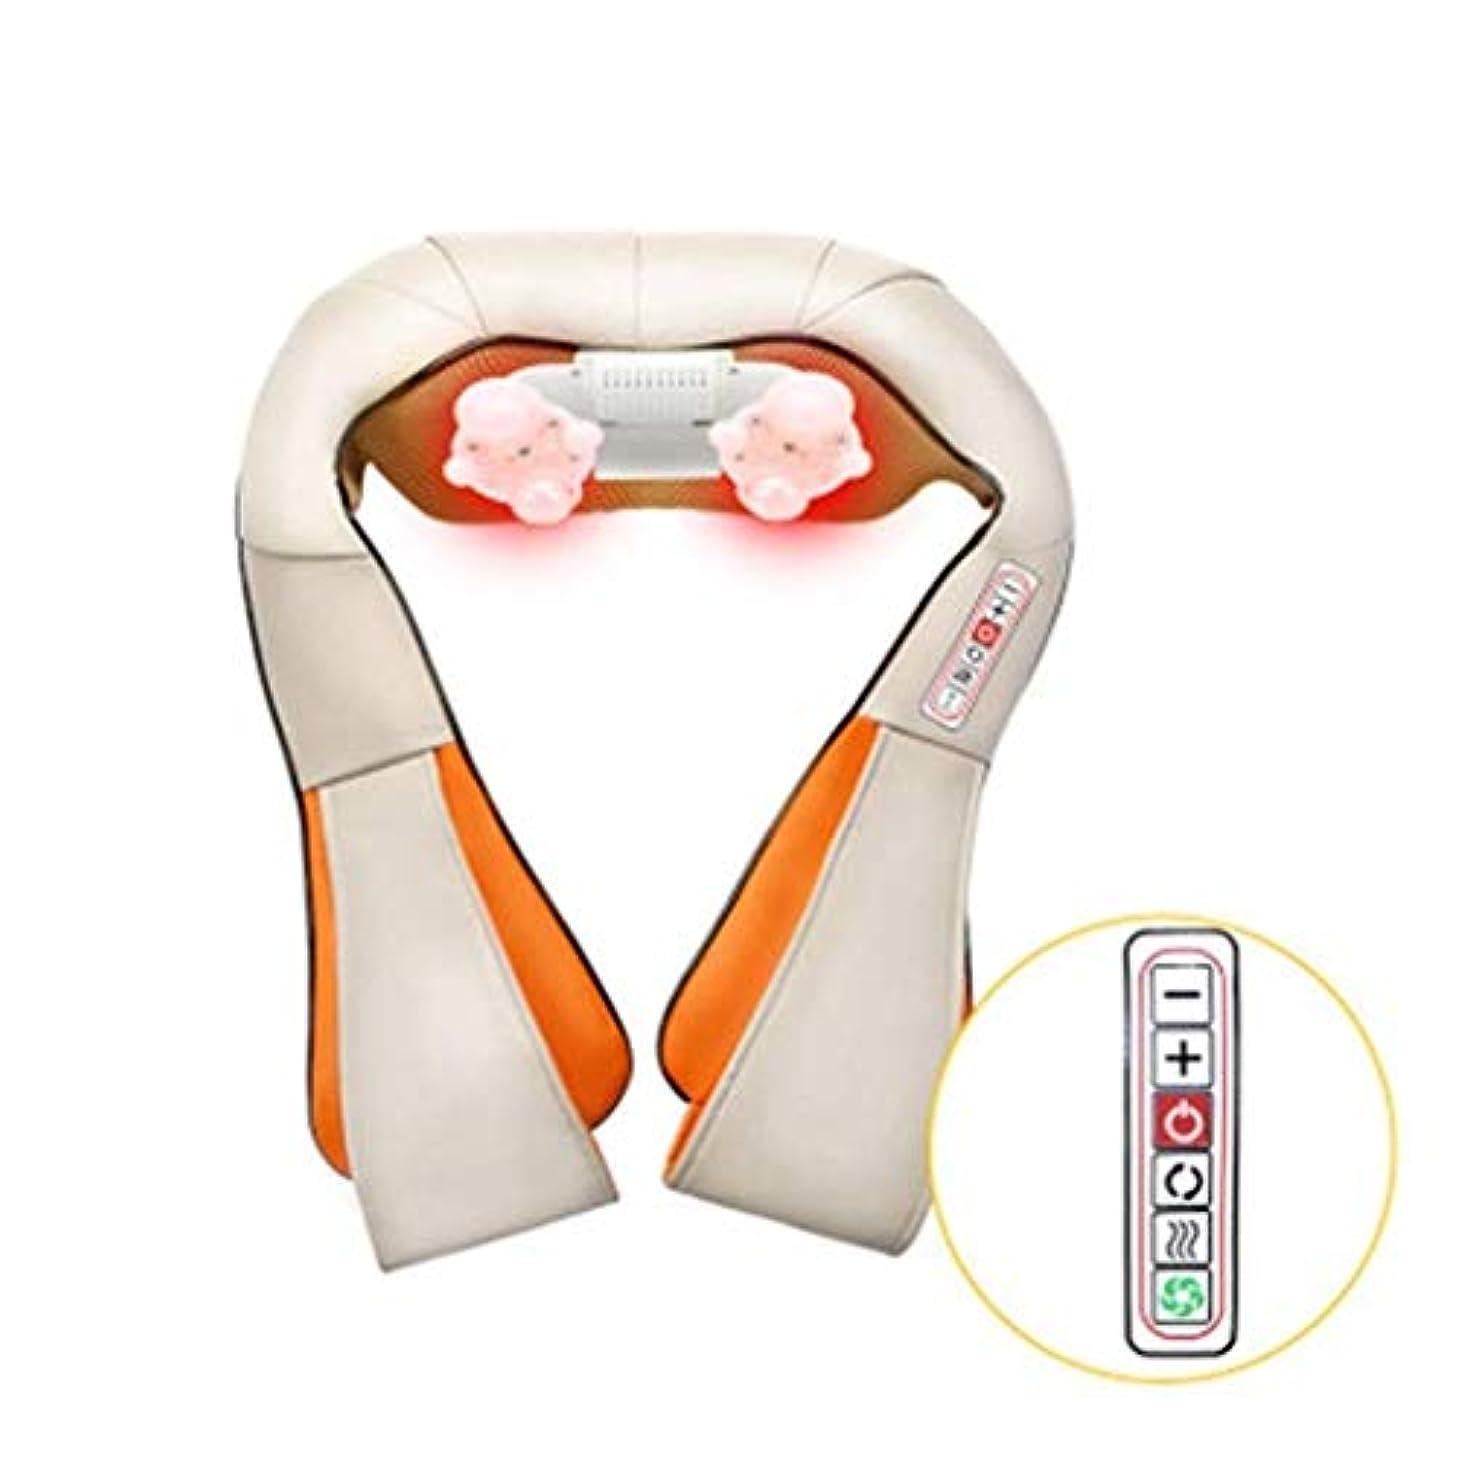 大使館白菜仮装首のマッサージャー、首と背中の肩のマッサージャー、揉みマッサージ枕、足のマッサージ - 緊張の筋肉を和らげる、血液循環、睡眠を改善する (Color : White)